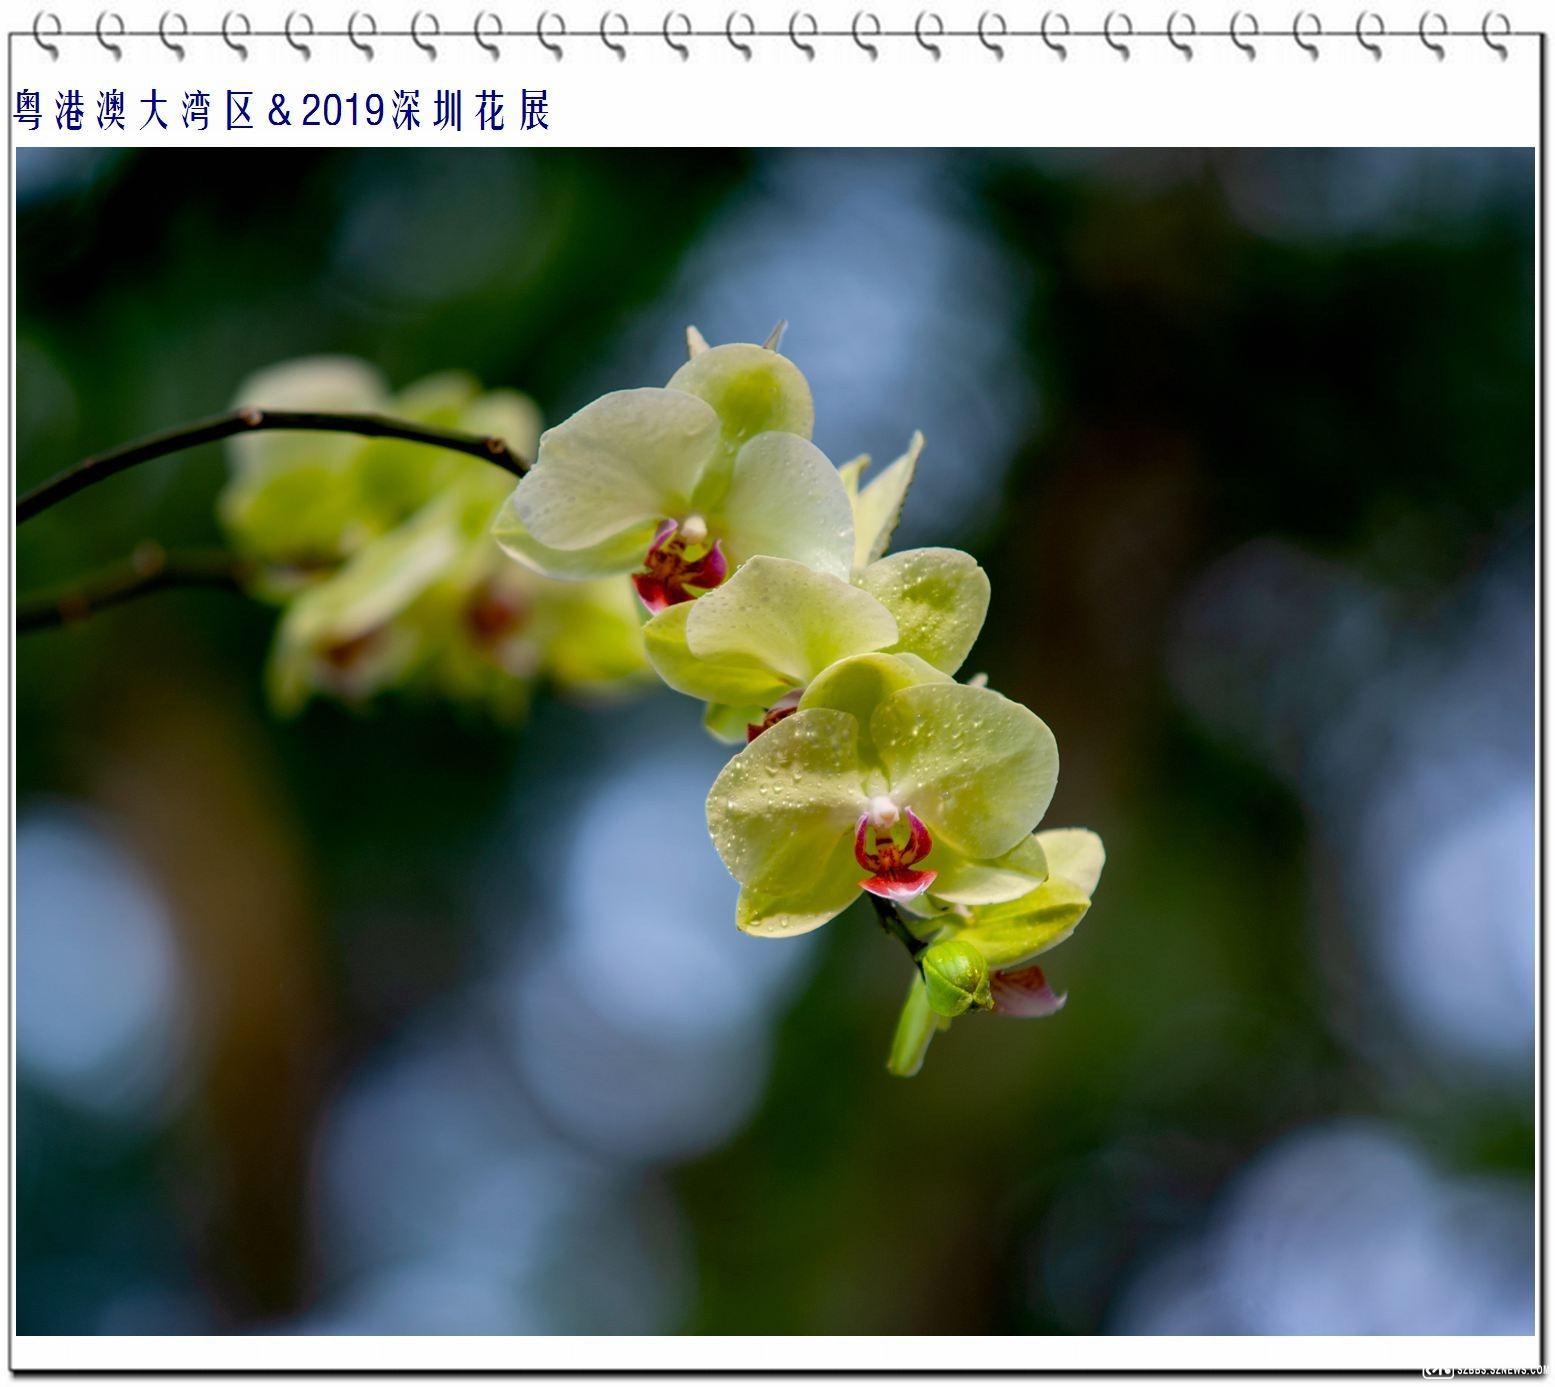 蝴蝶兰 (3).jpg